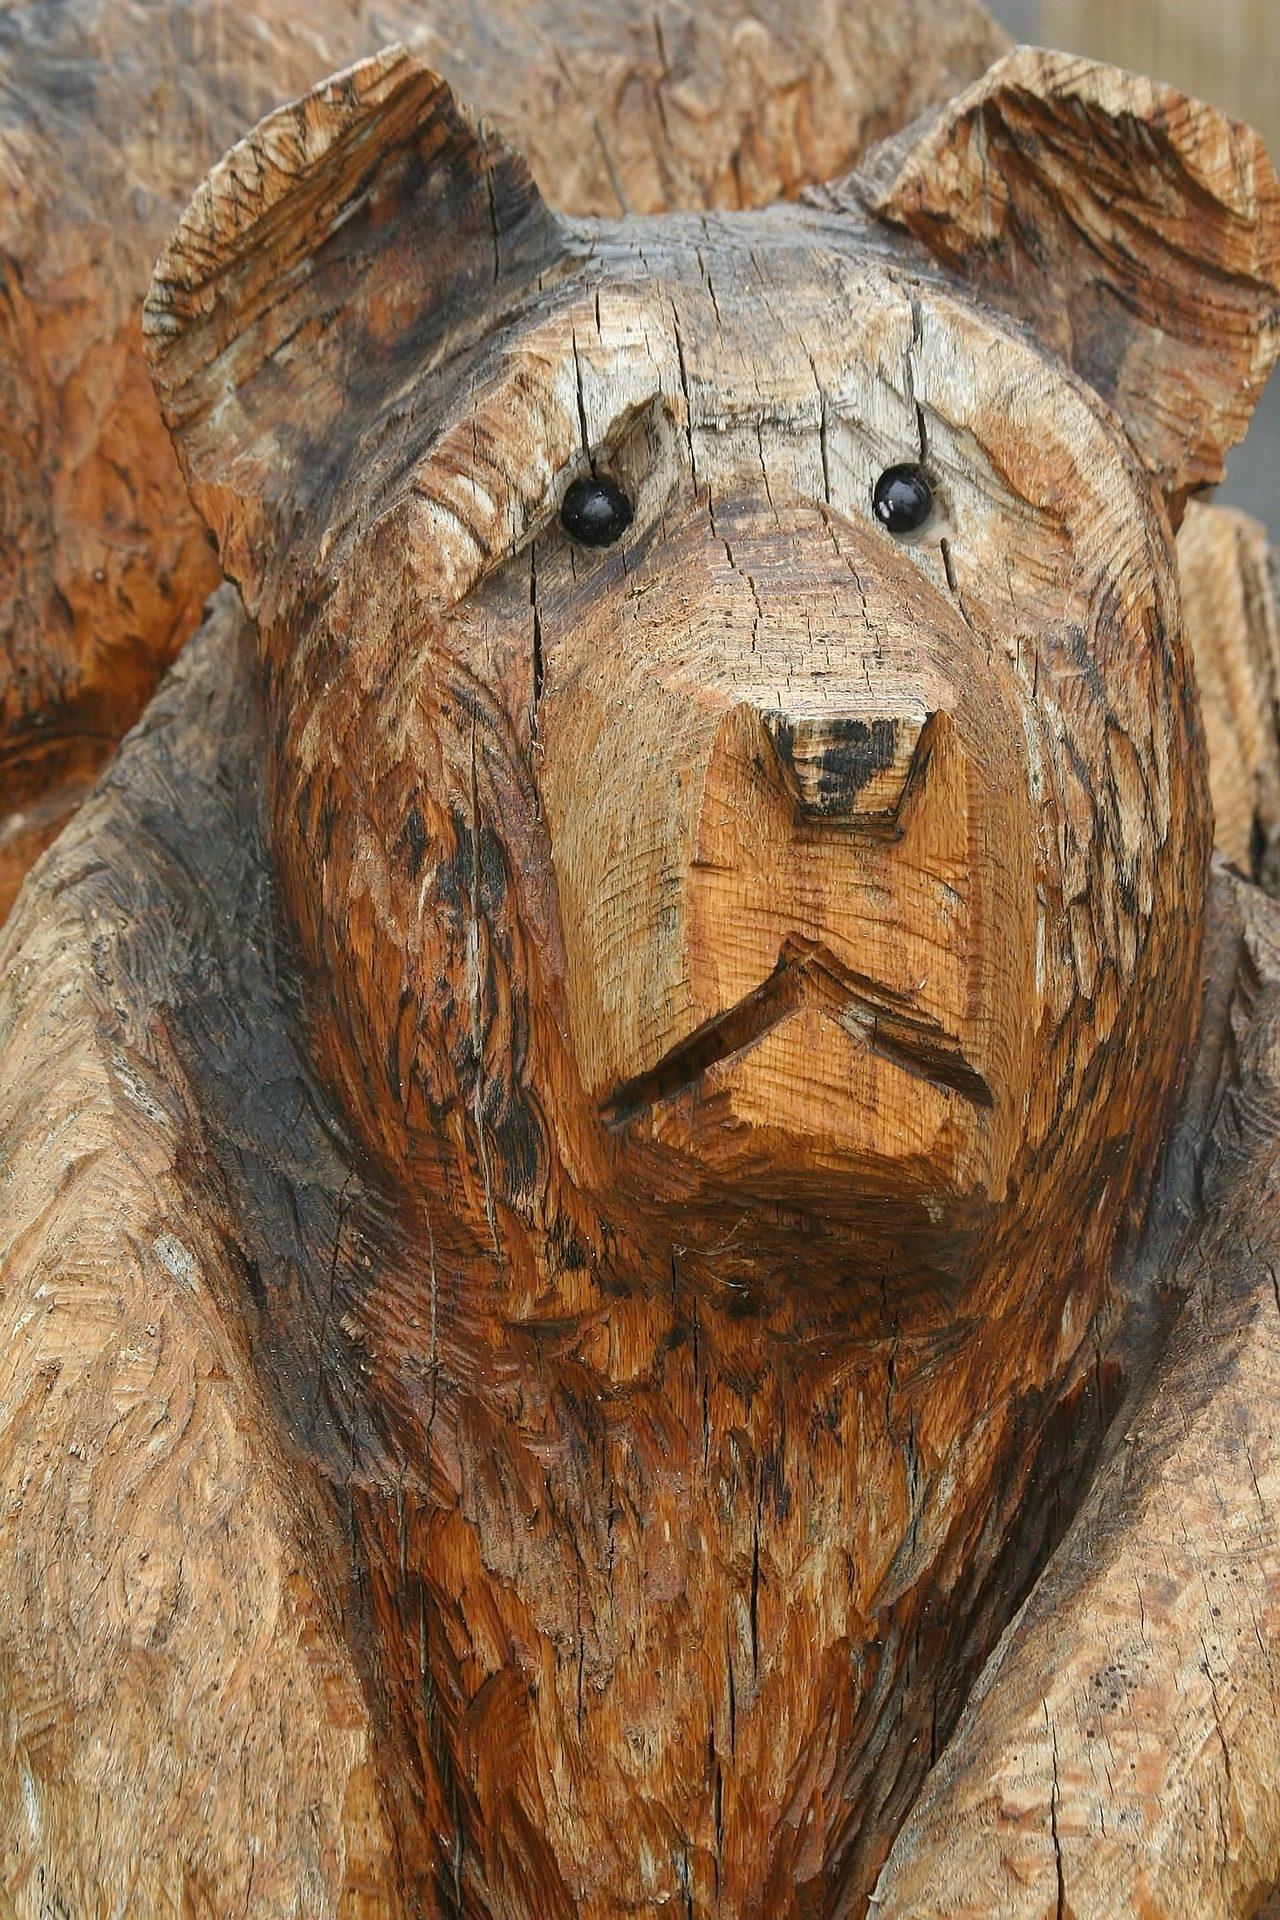 النحت, الدب, الخشب, الرقم, الحجم - خلفيات عالية الدقة - أستاذ falken.com